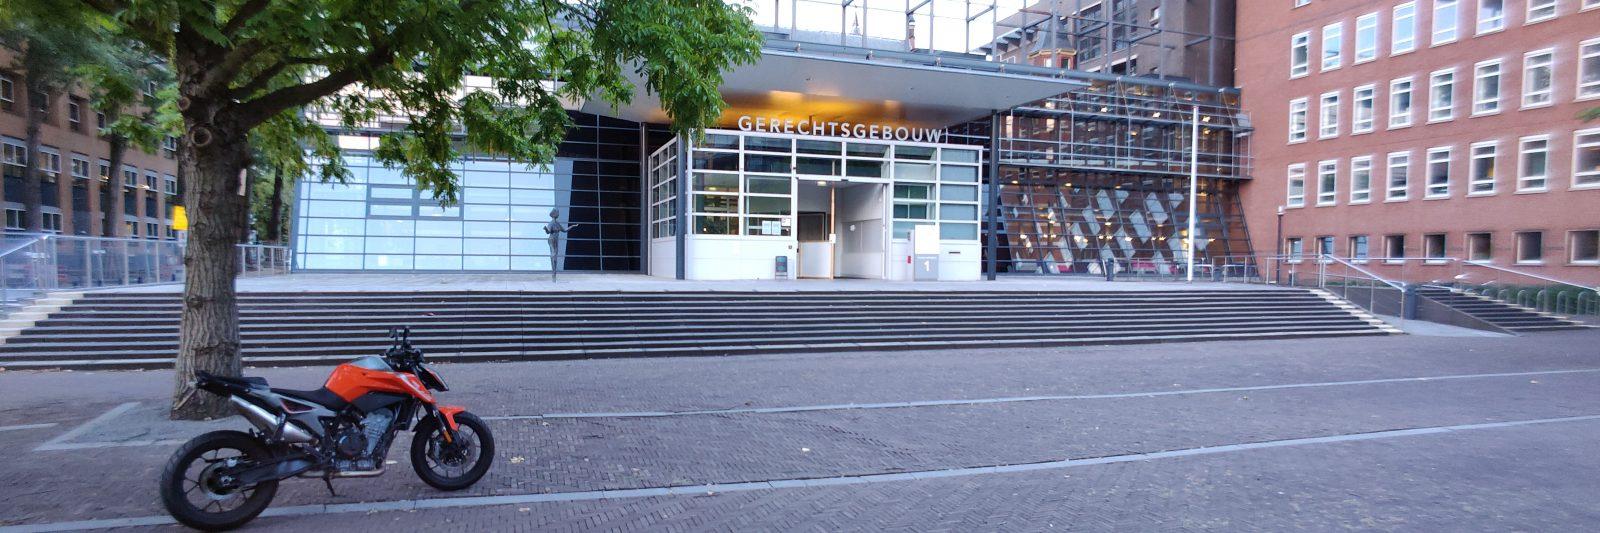 KTM voor Rechtbank Utrecht